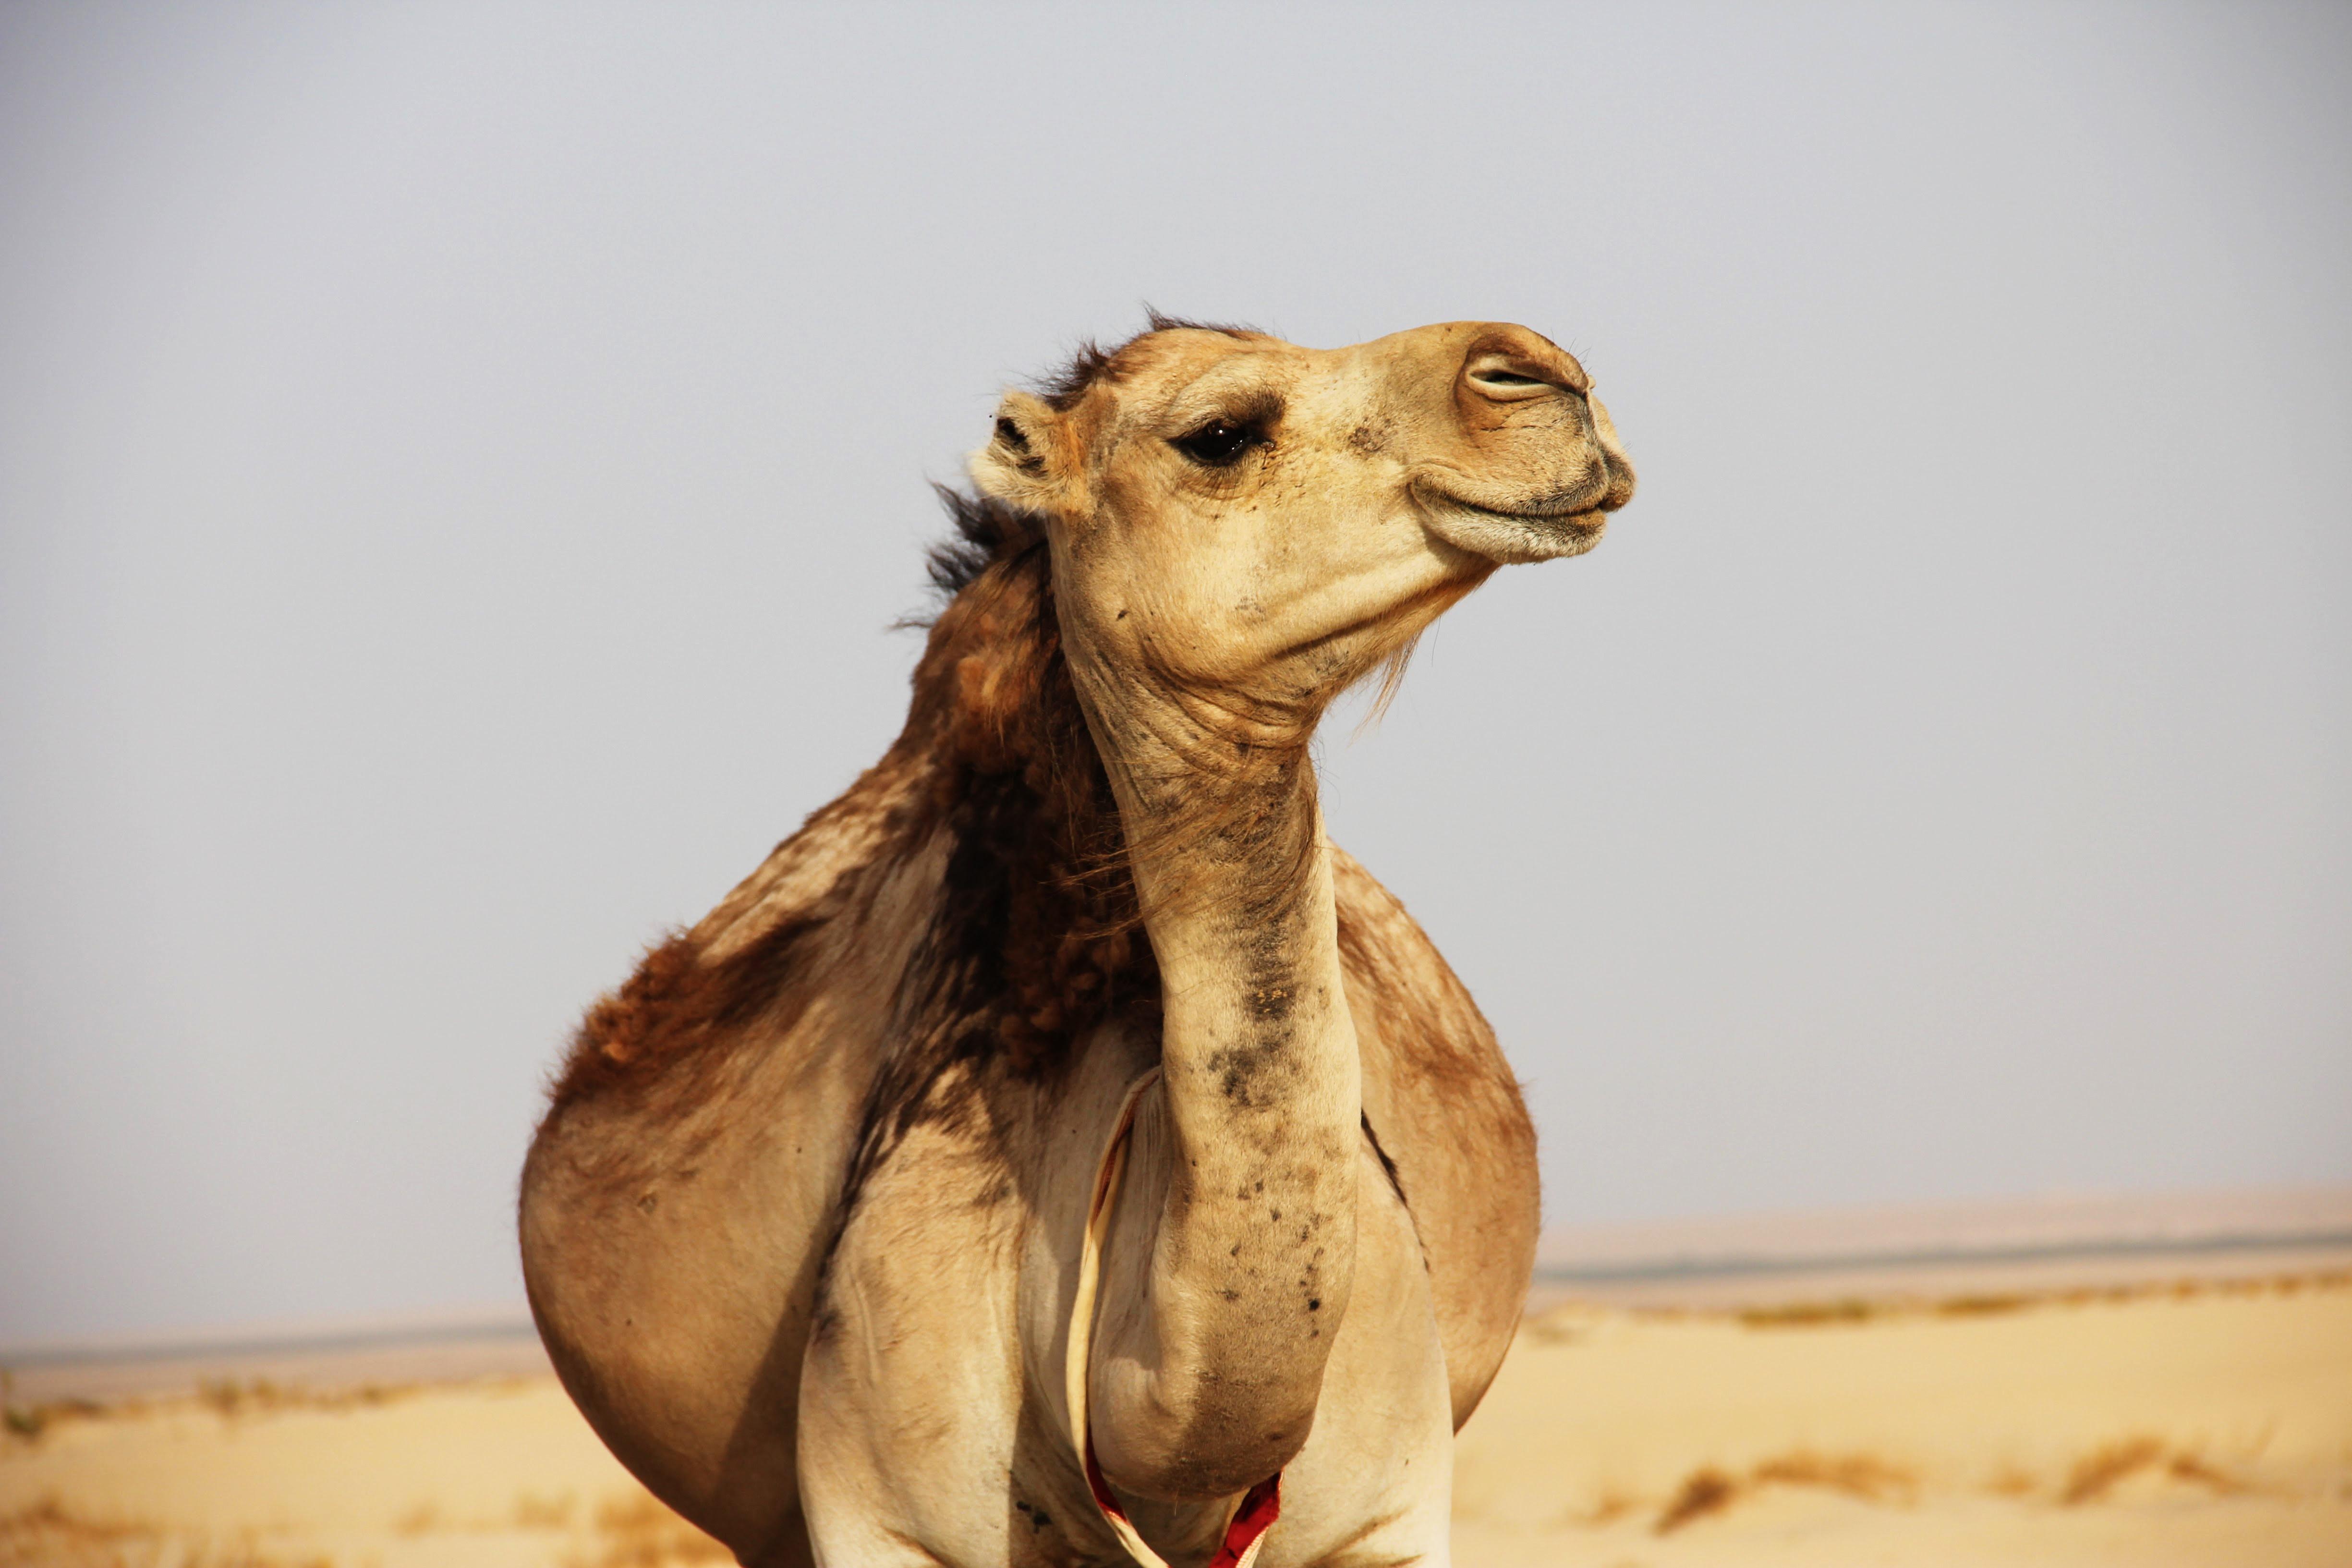 brown camel on desert